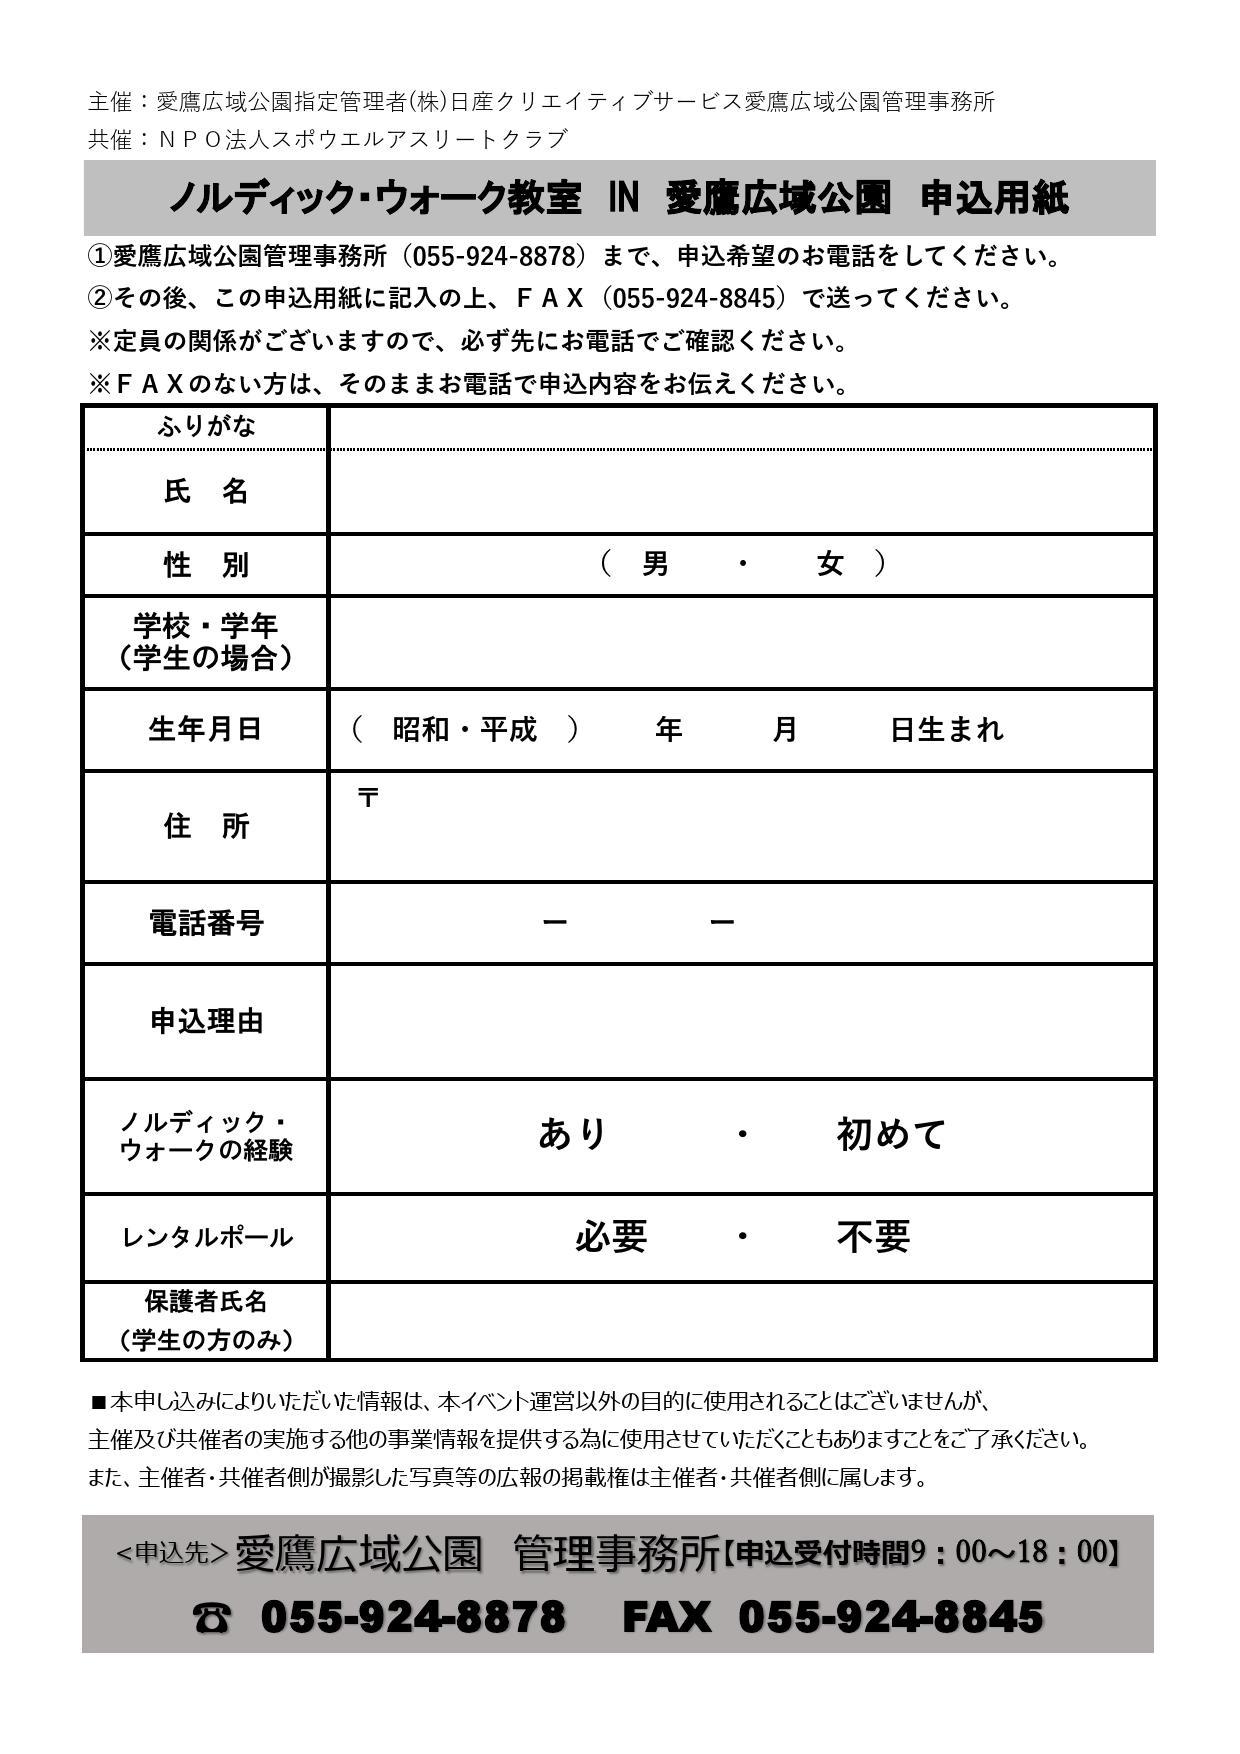 20170112002221ade.jpg